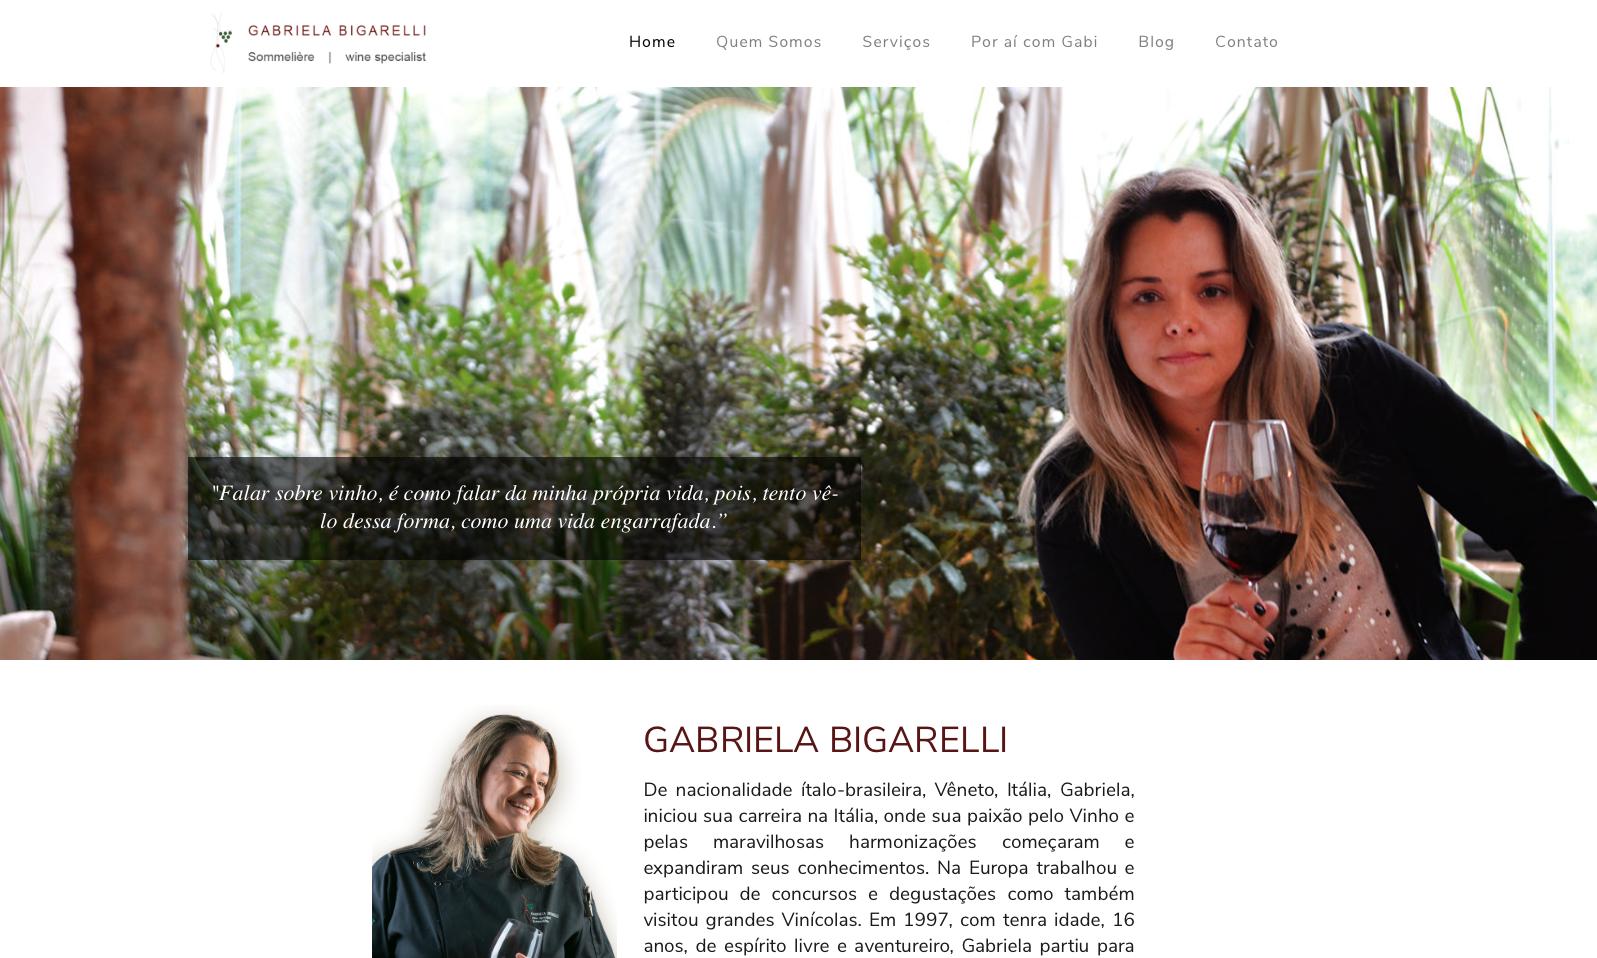 Gabriela Bigarelli - Sommelier